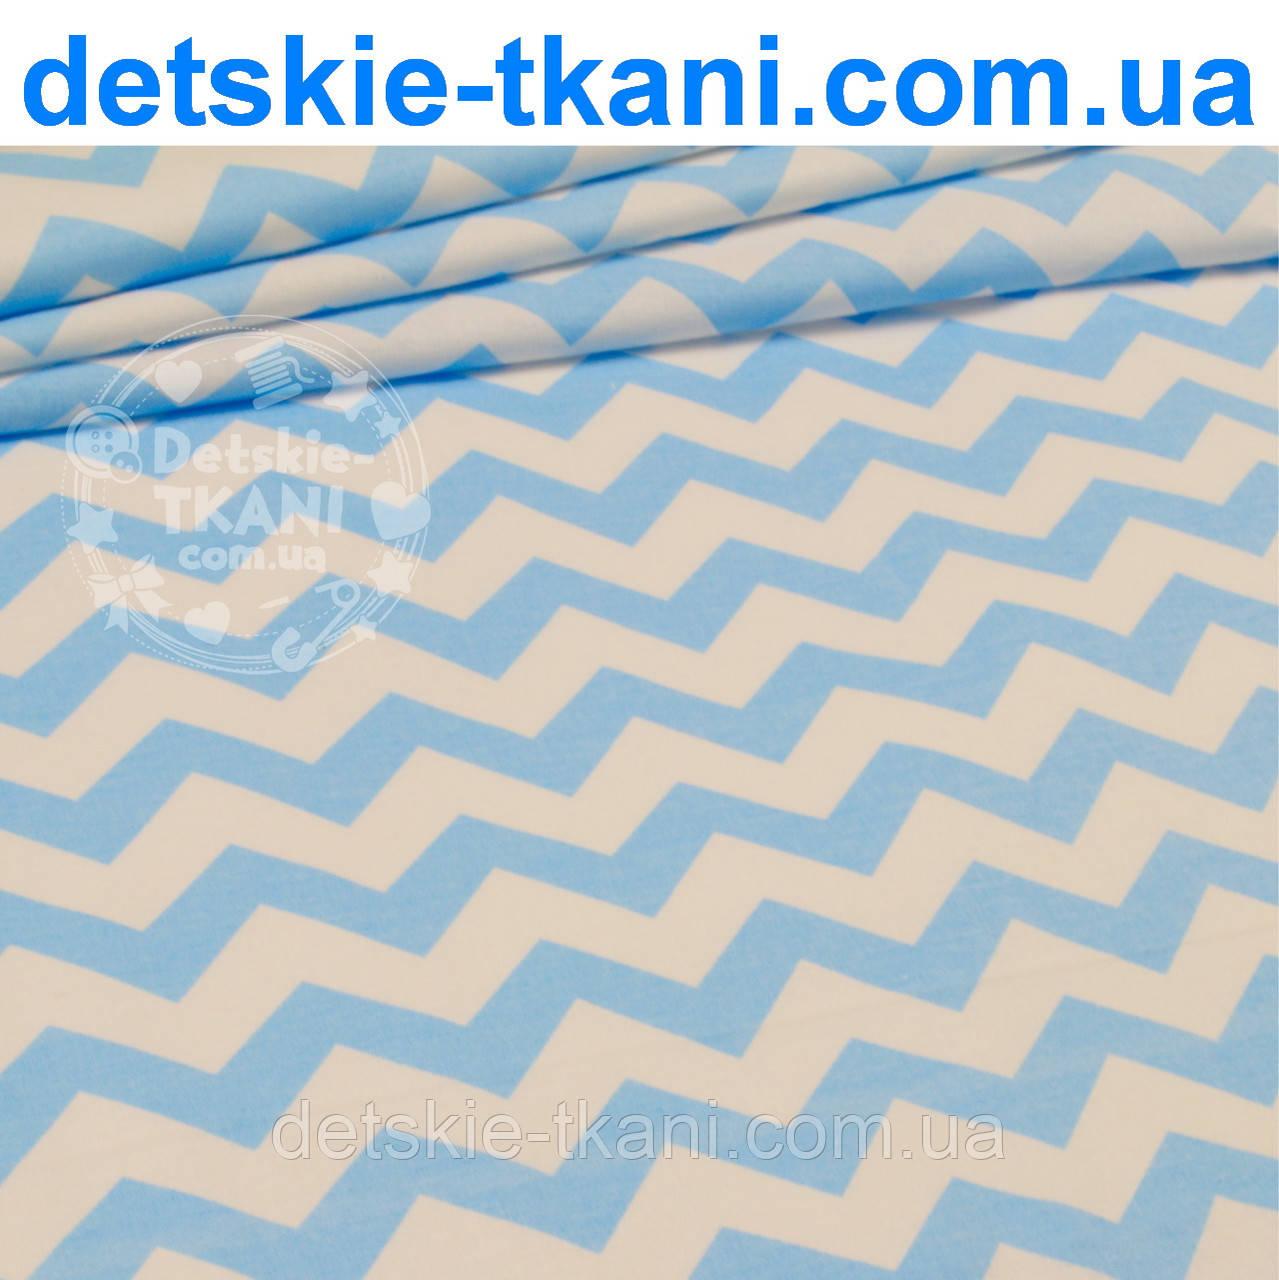 Ткань с голубым зигзагом, плотность 135 г/м2 (№72). - Детские ткани оптом и в розницу в Волынской области